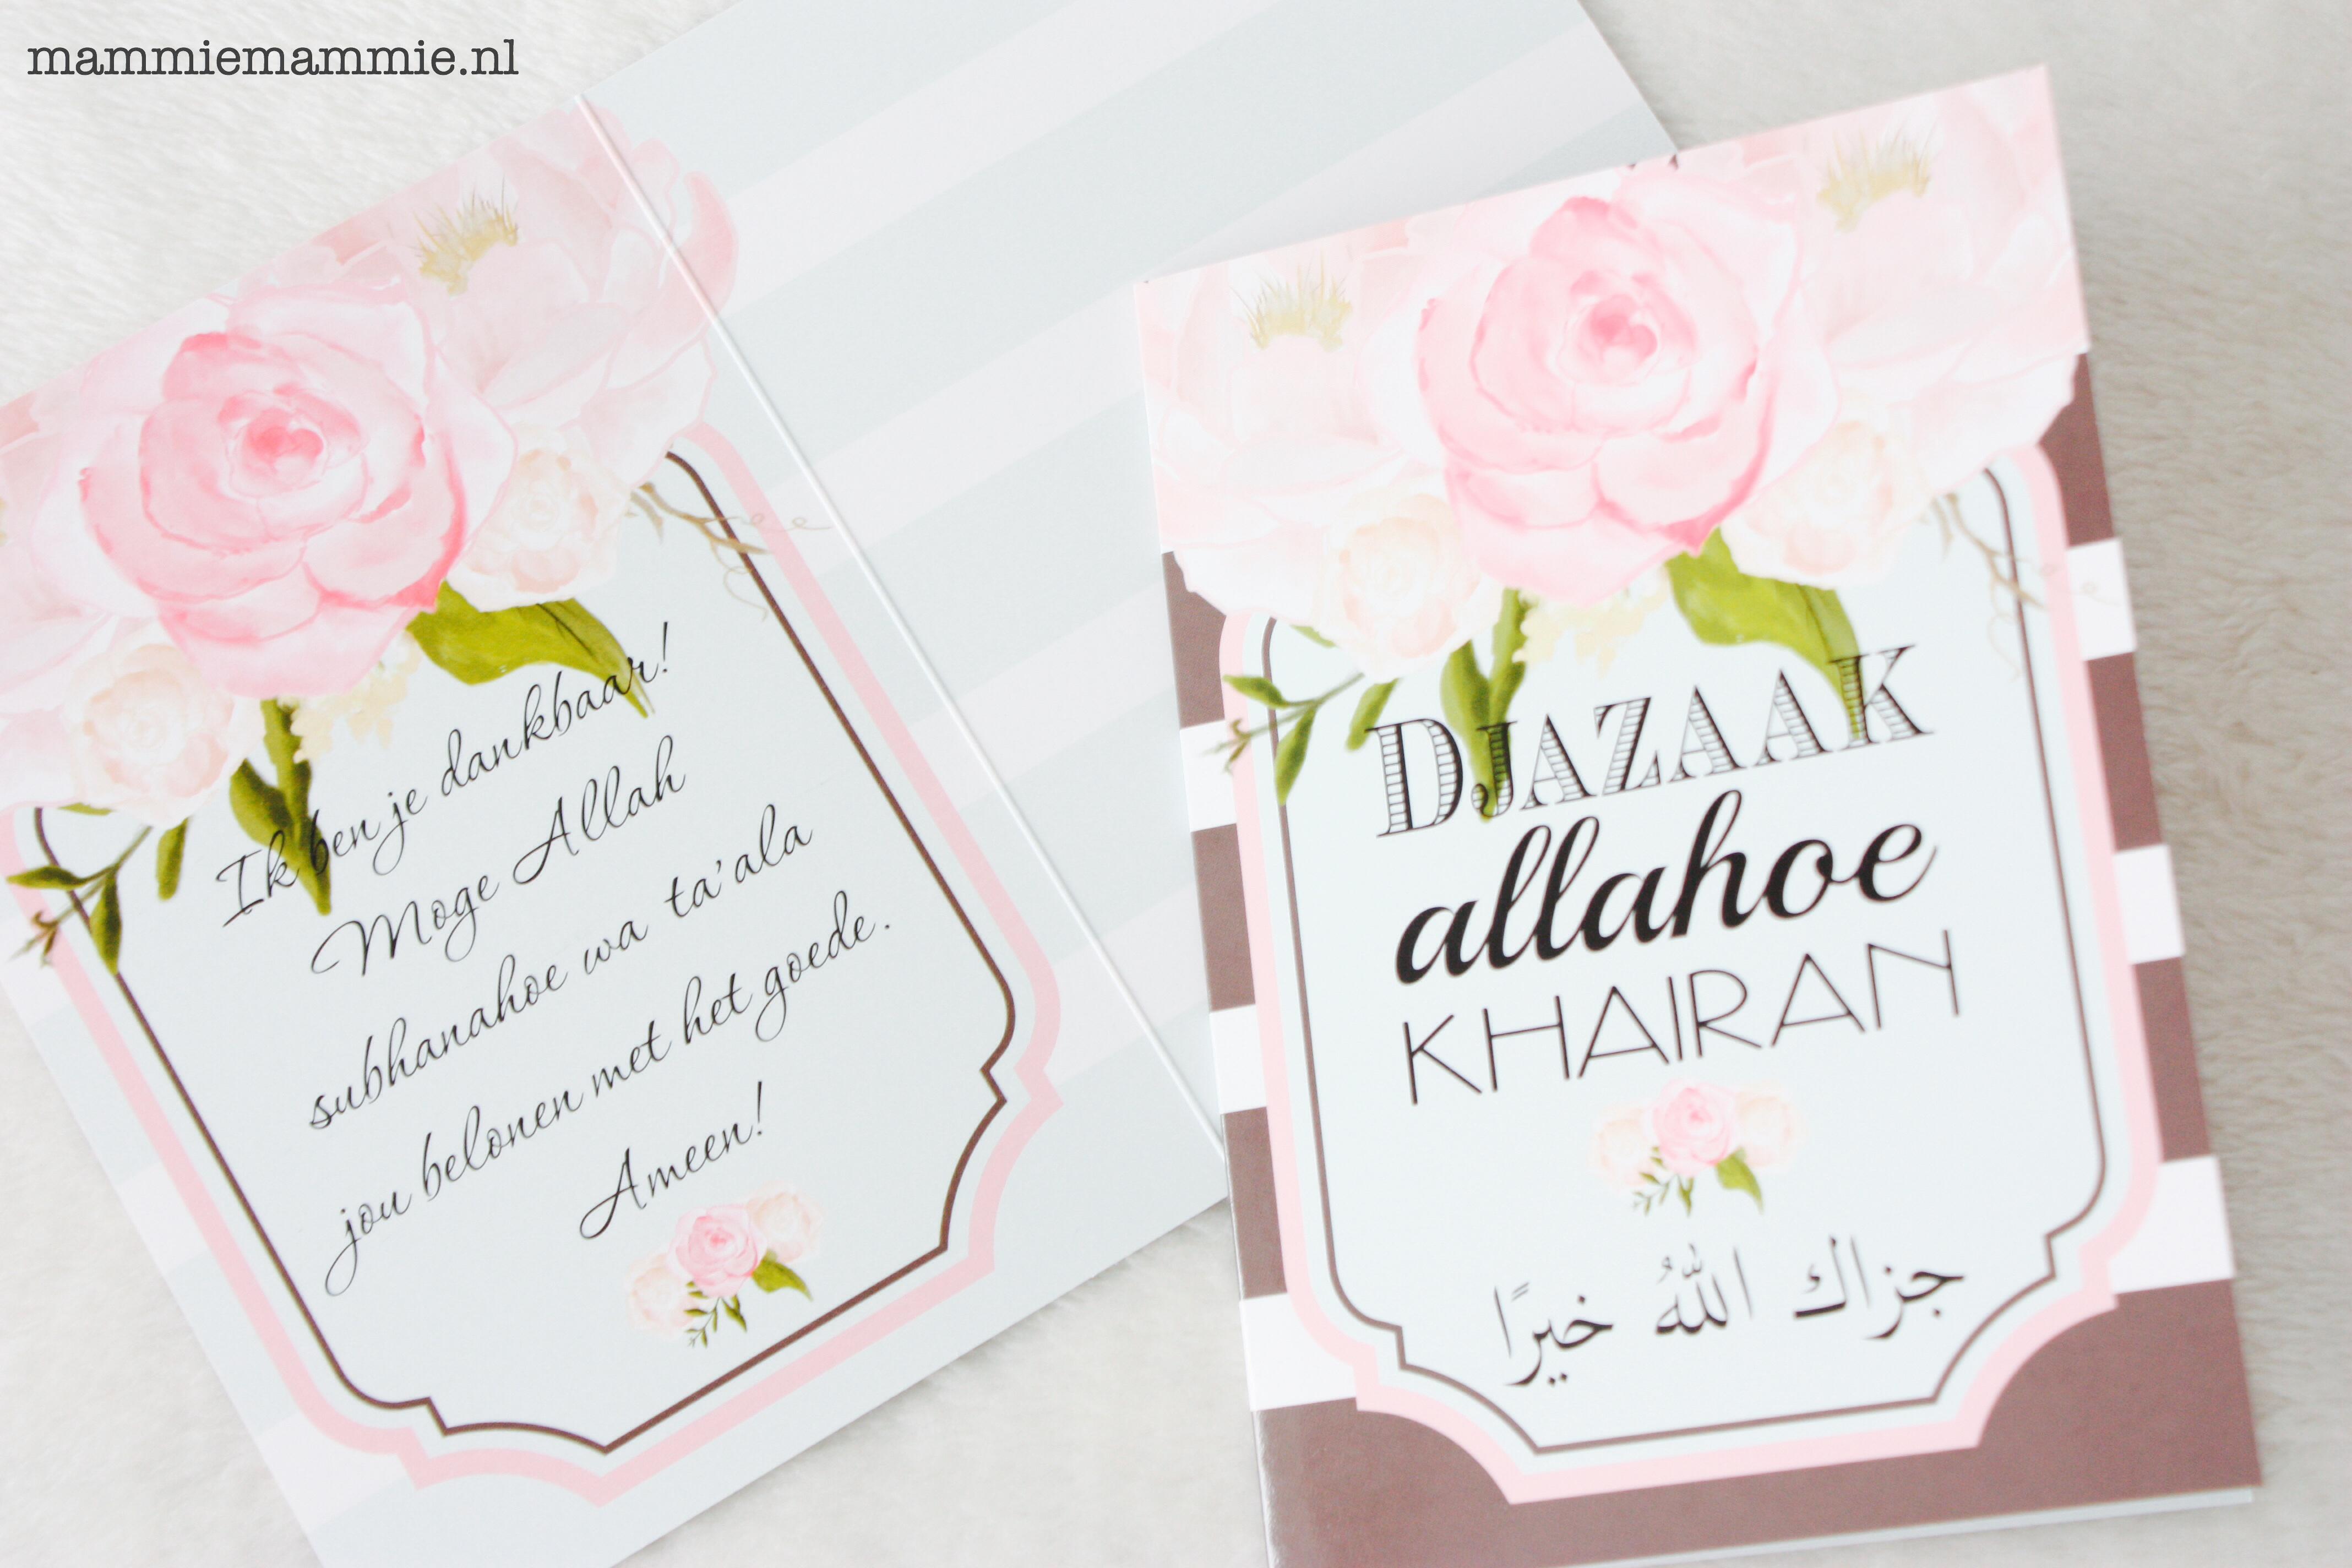 Niyashop islamitische kaarten en woonaccessoires